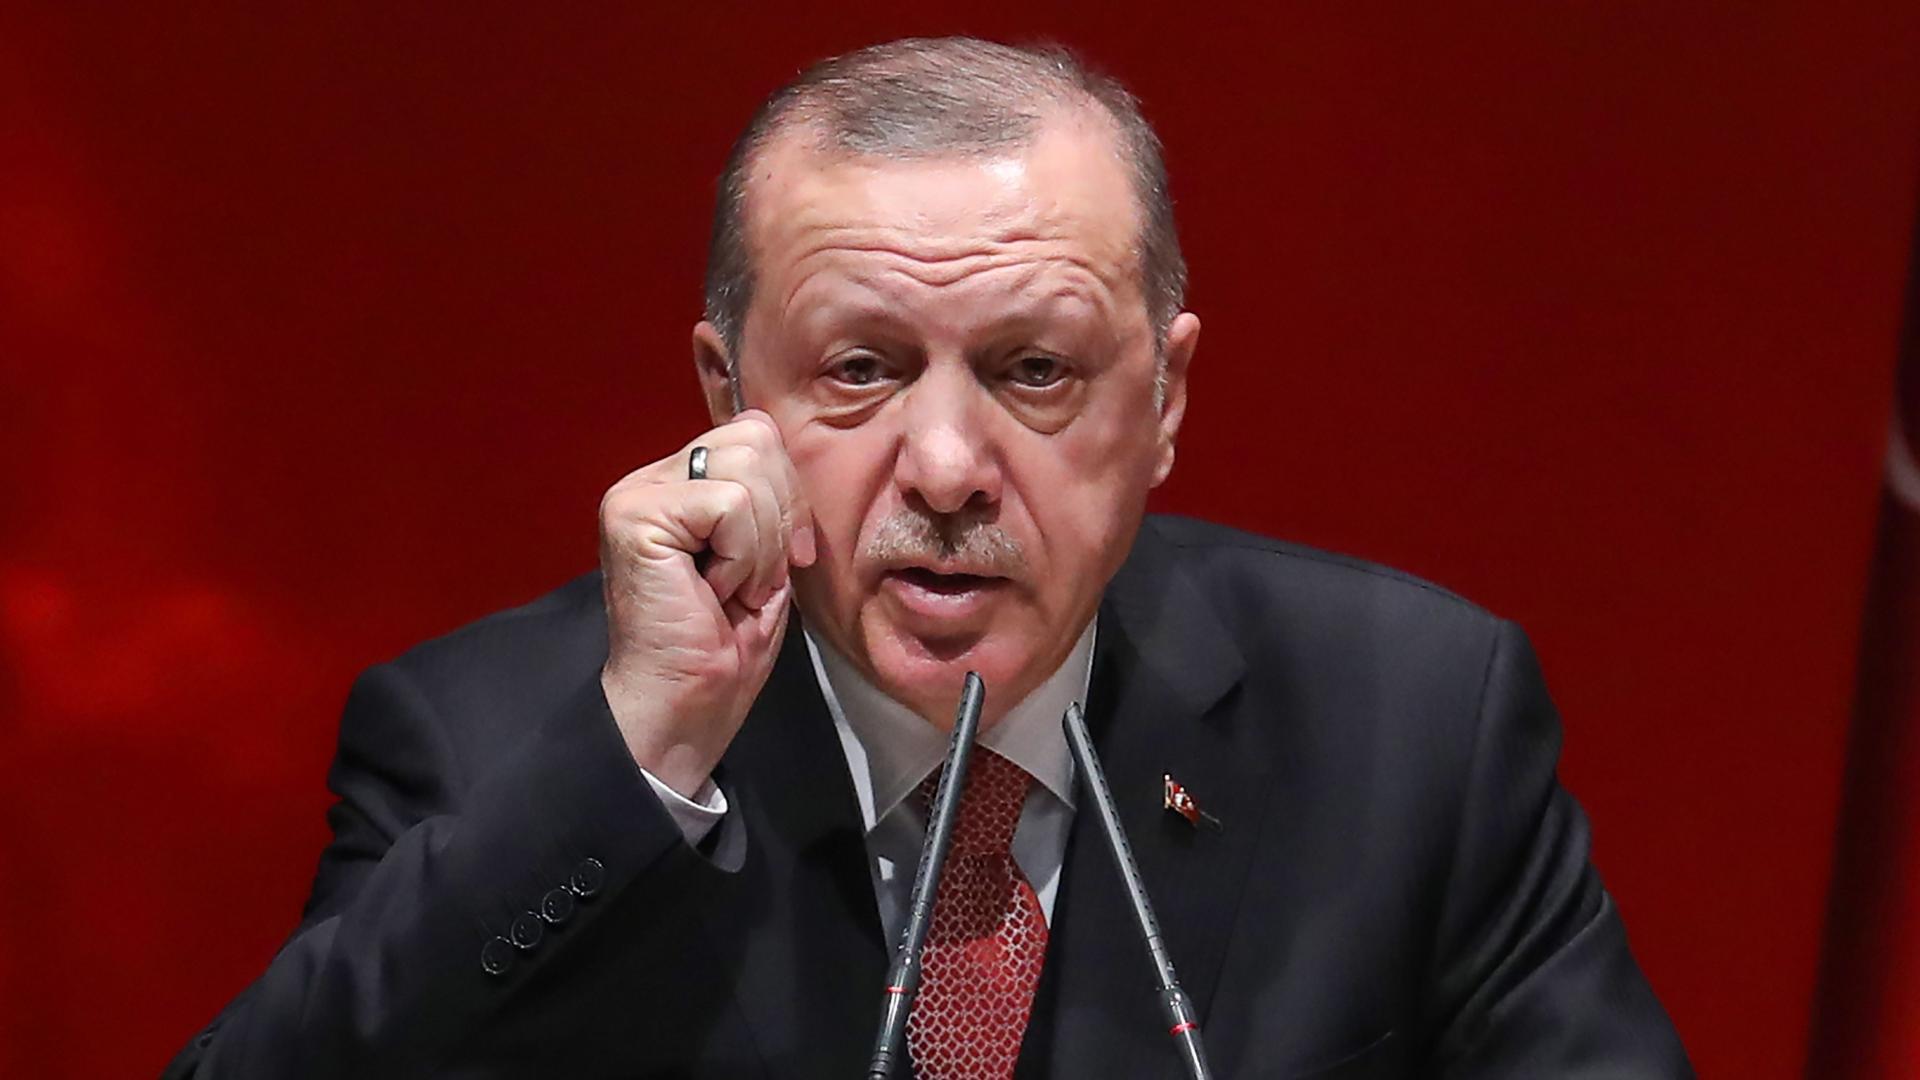 أردوغان: استمعت لتسجيلات توثق لحظة مقتل جمال خاشقجي